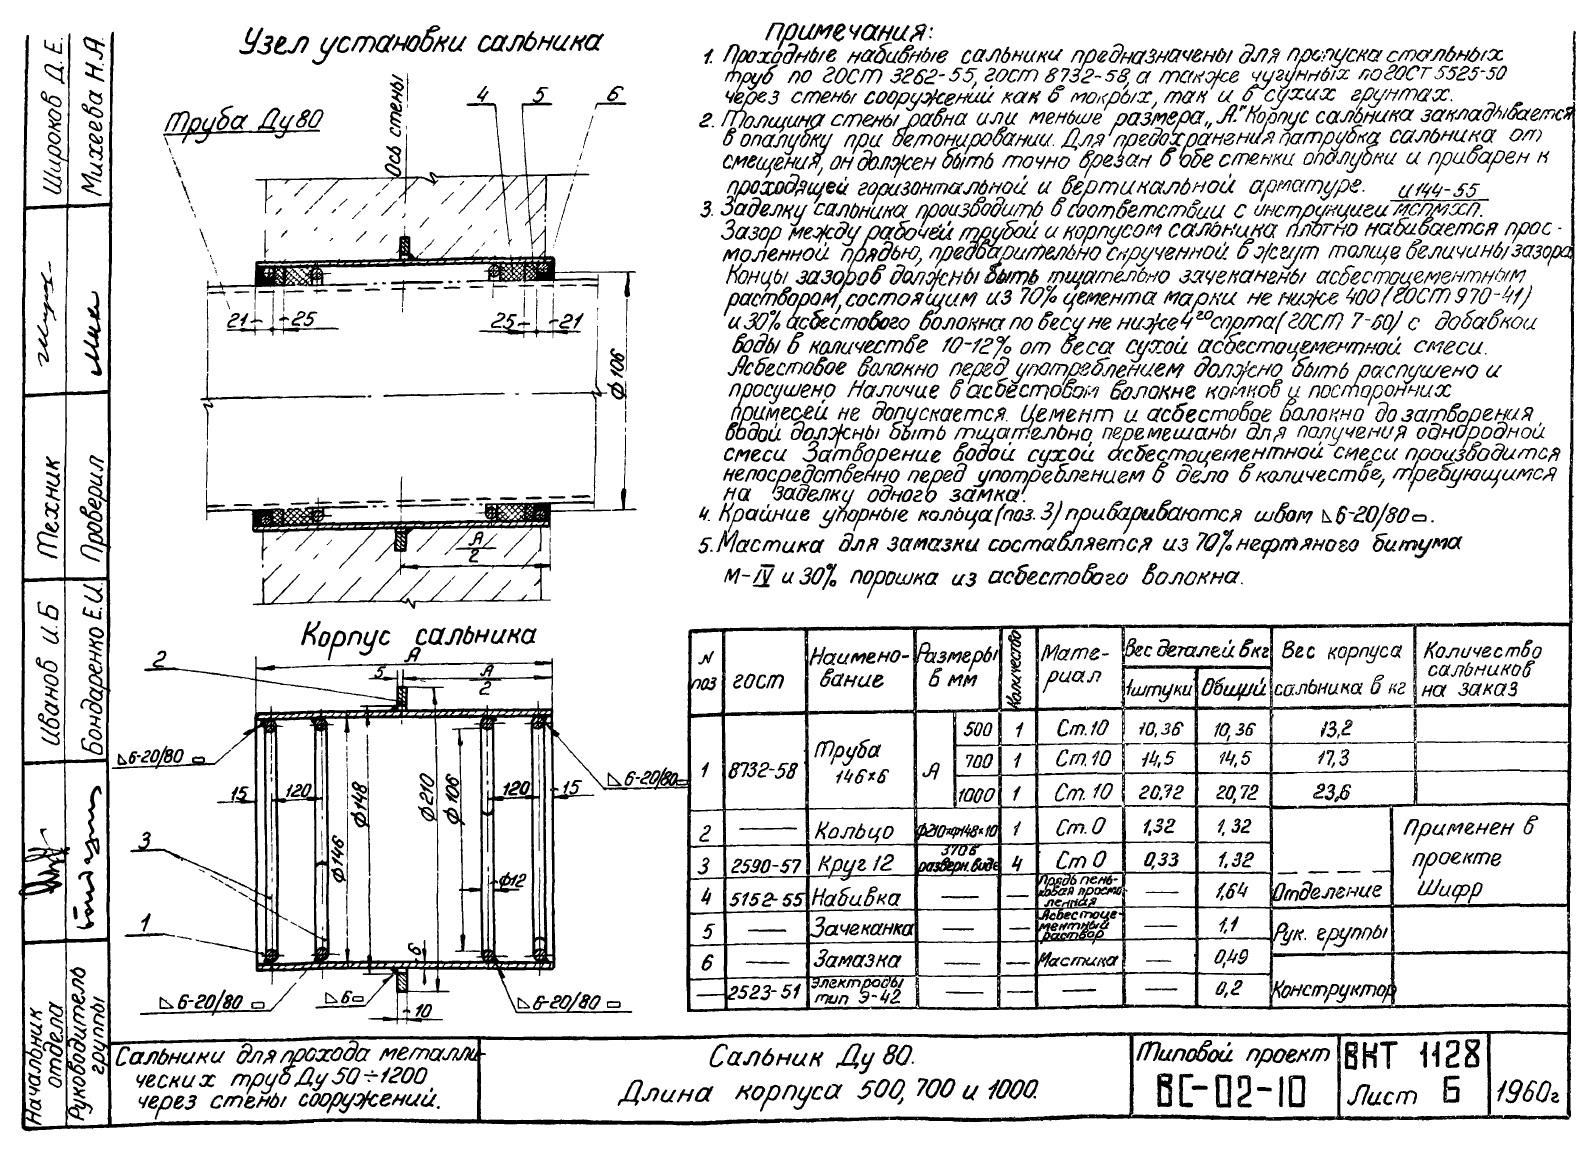 Сальники набивные L = 700 мм типовой проект ВС-02-10 стр.2